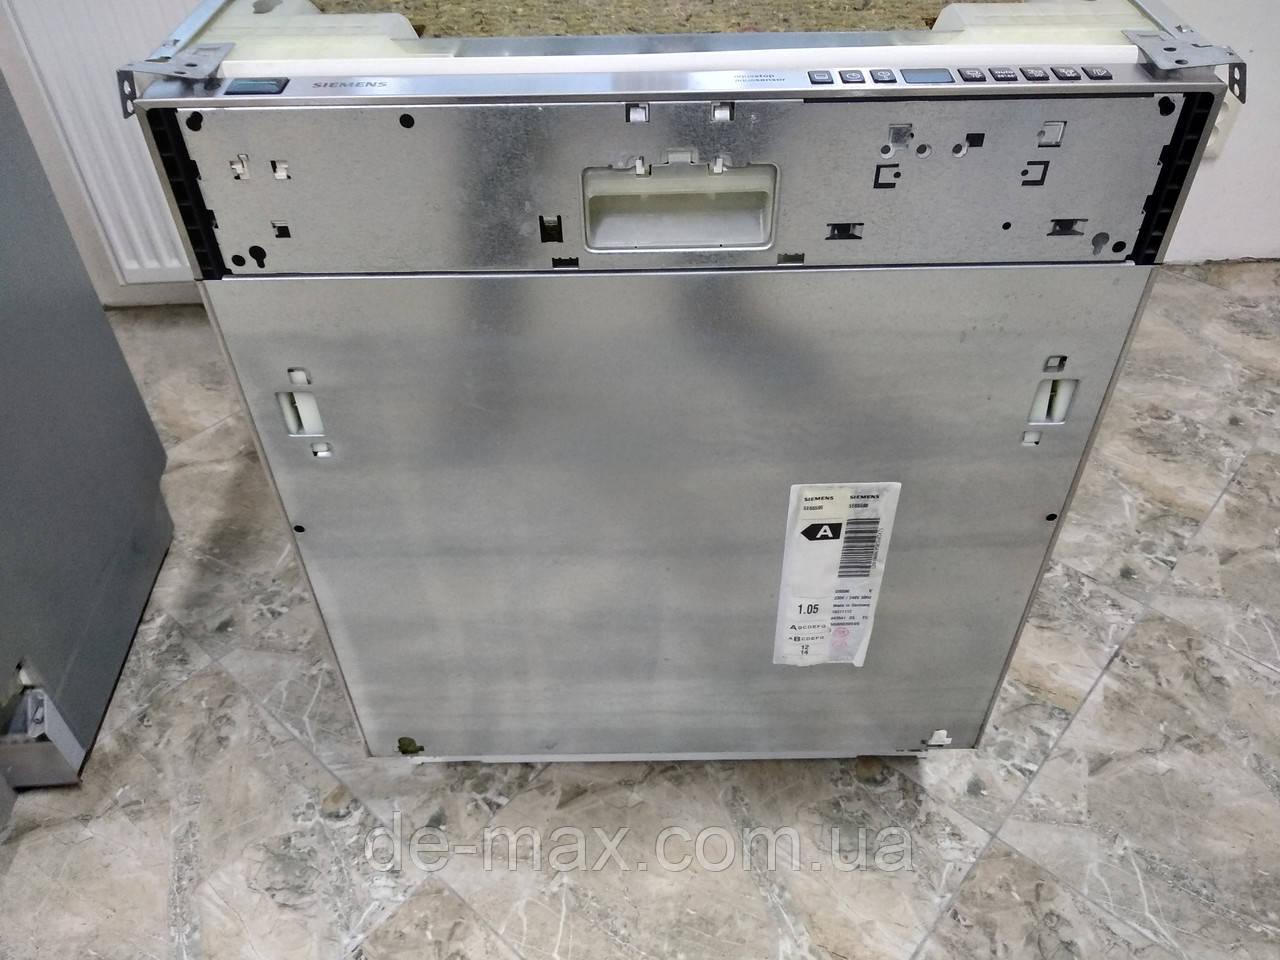 Посудомоечная машина встраиваемая Siemens SE 65590 ширина 60см 12 комплектов